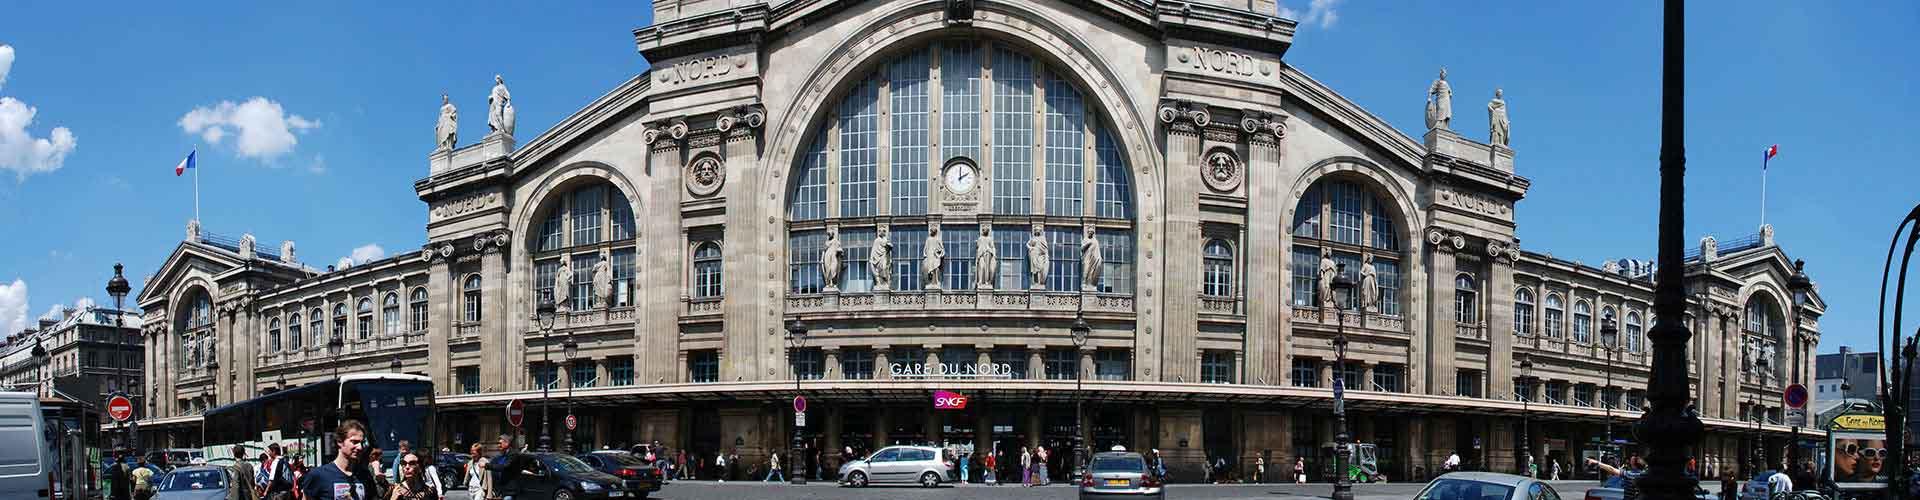 巴黎 – Train Station Gare du Nord区的公寓。巴黎地图,巴黎每间公寓的照片和评价。